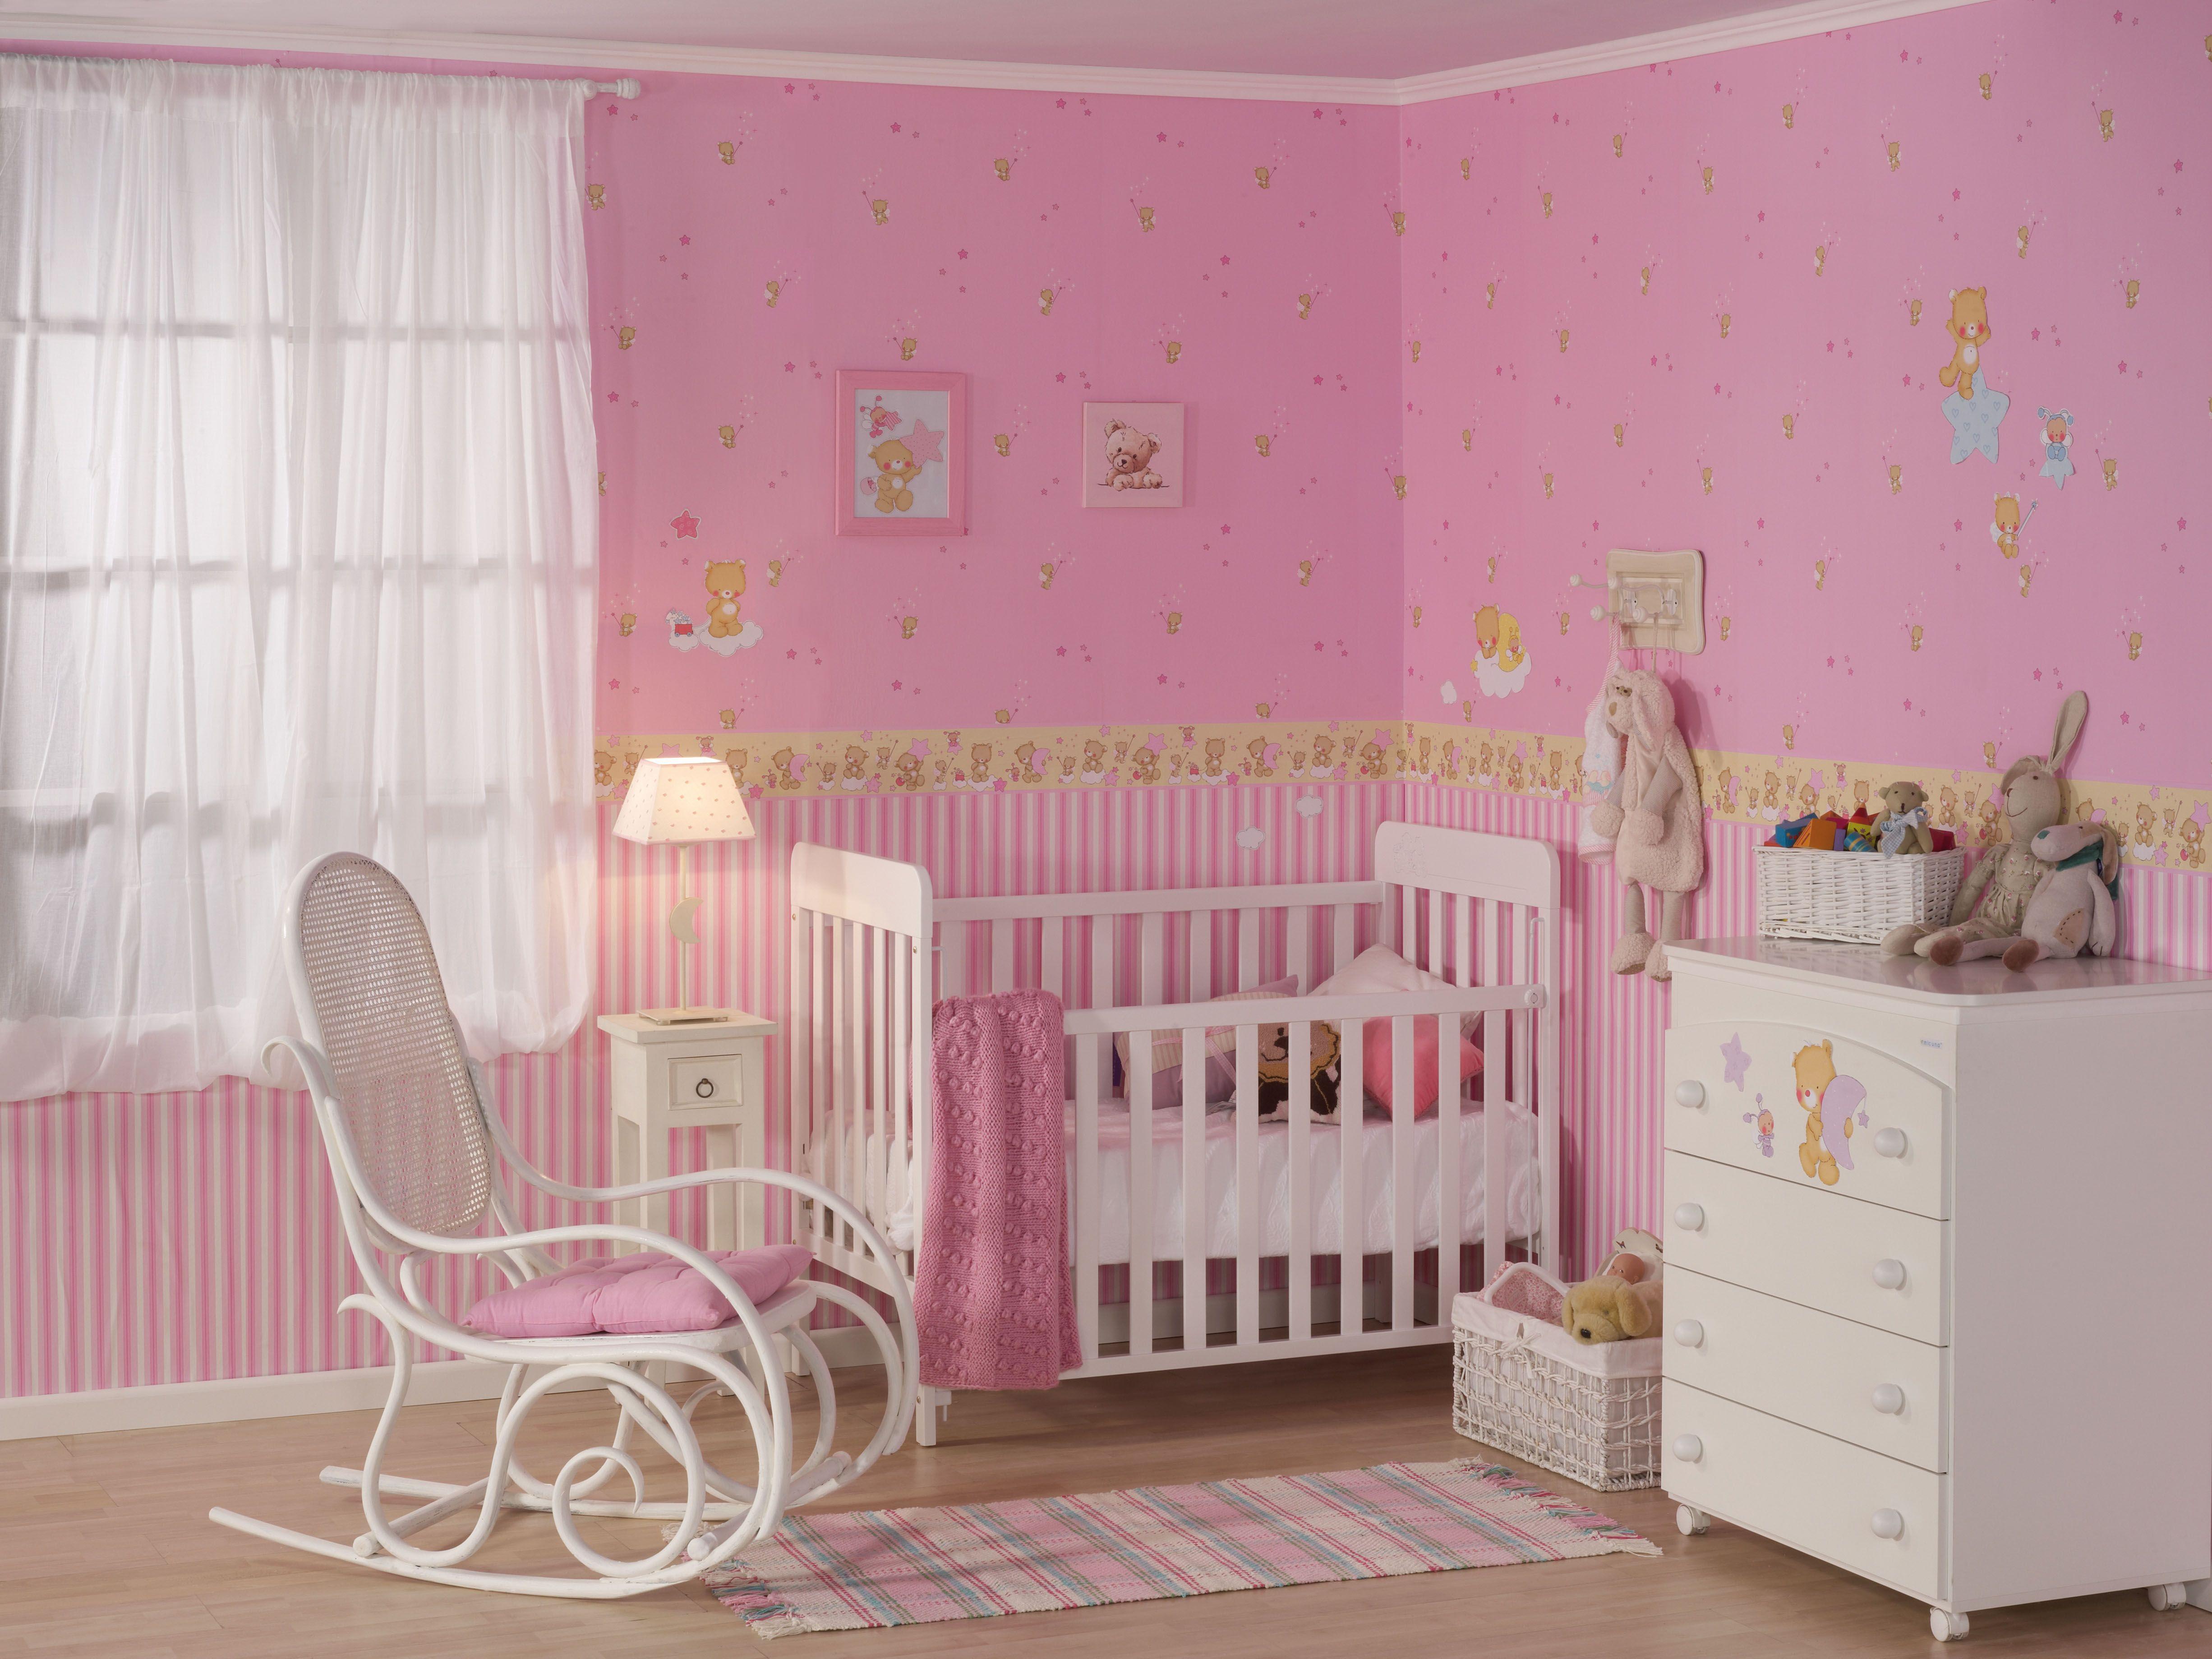 Papel pintado para habitacion de bebe las paredes ms - Decopeques vinilos ...